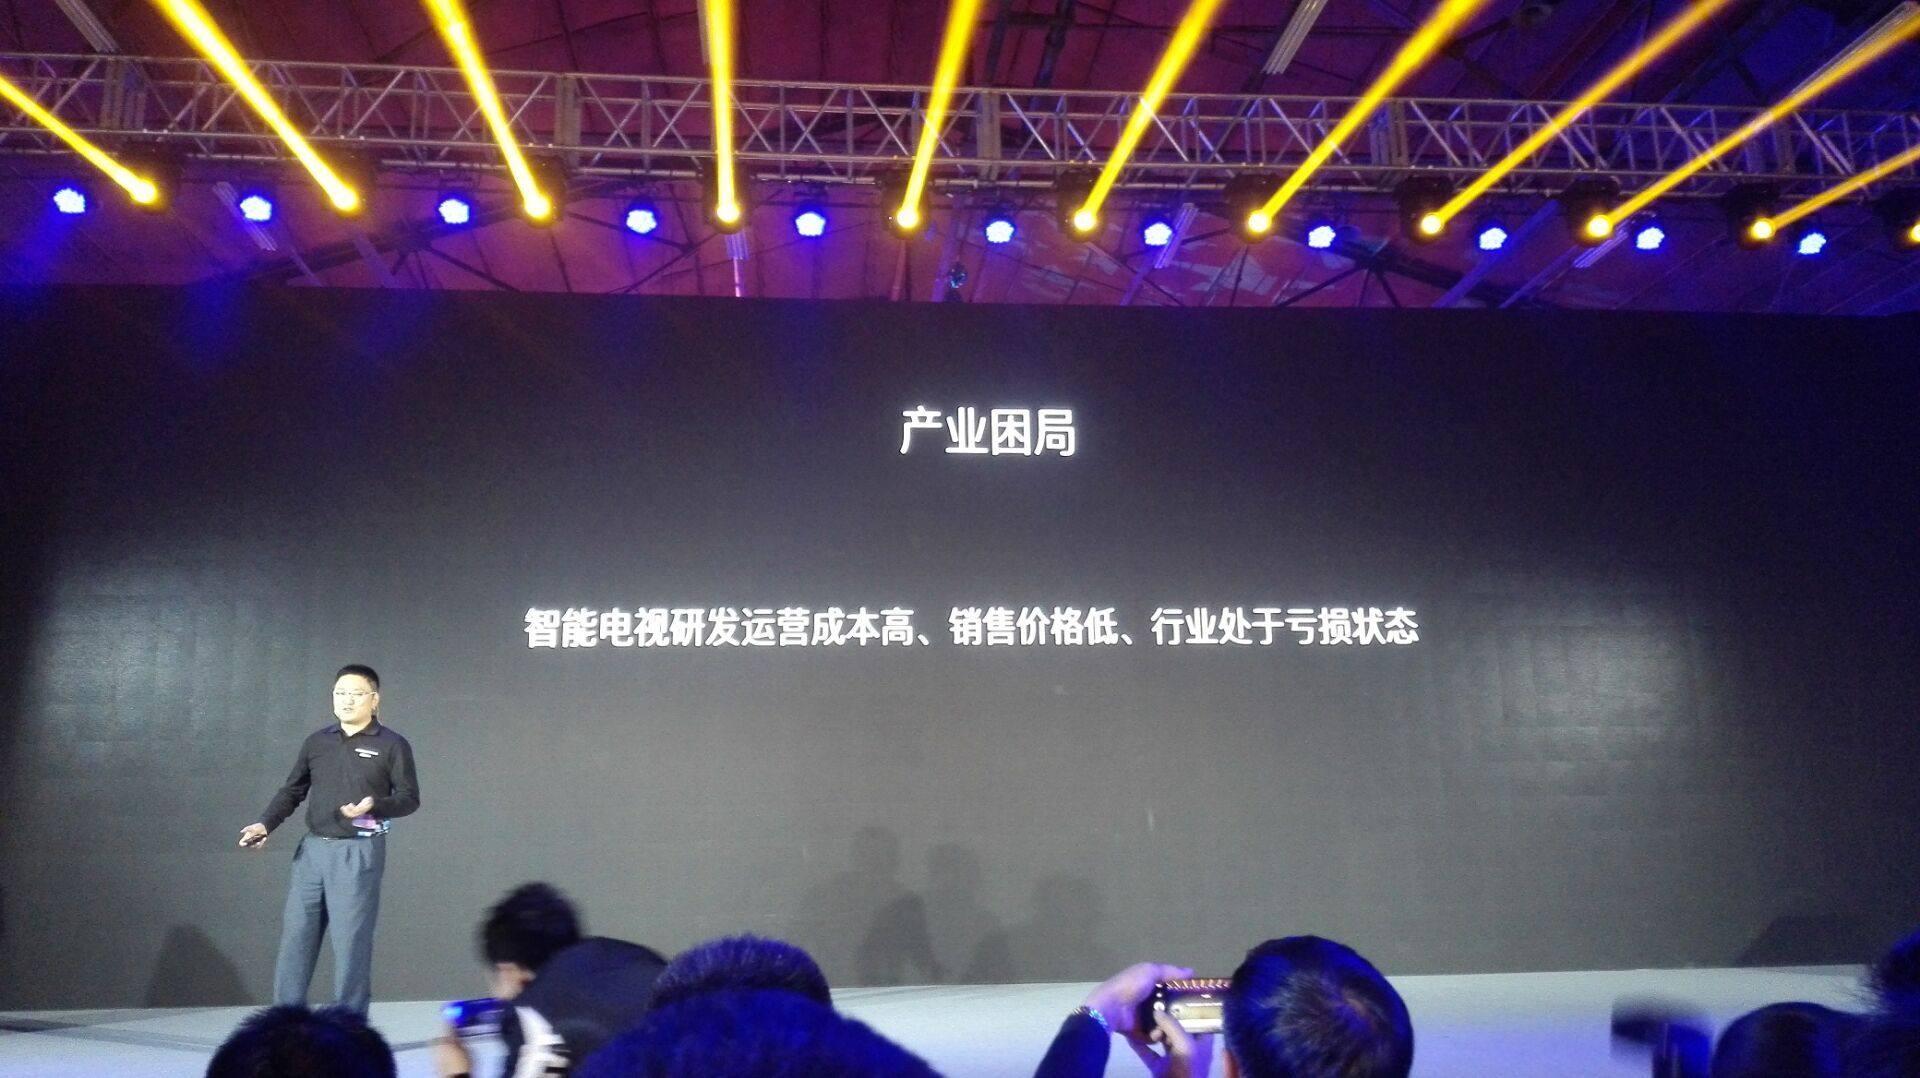 """【图文直播】看尚超能电视新品发布会 """"软硬兼施""""给你好看"""